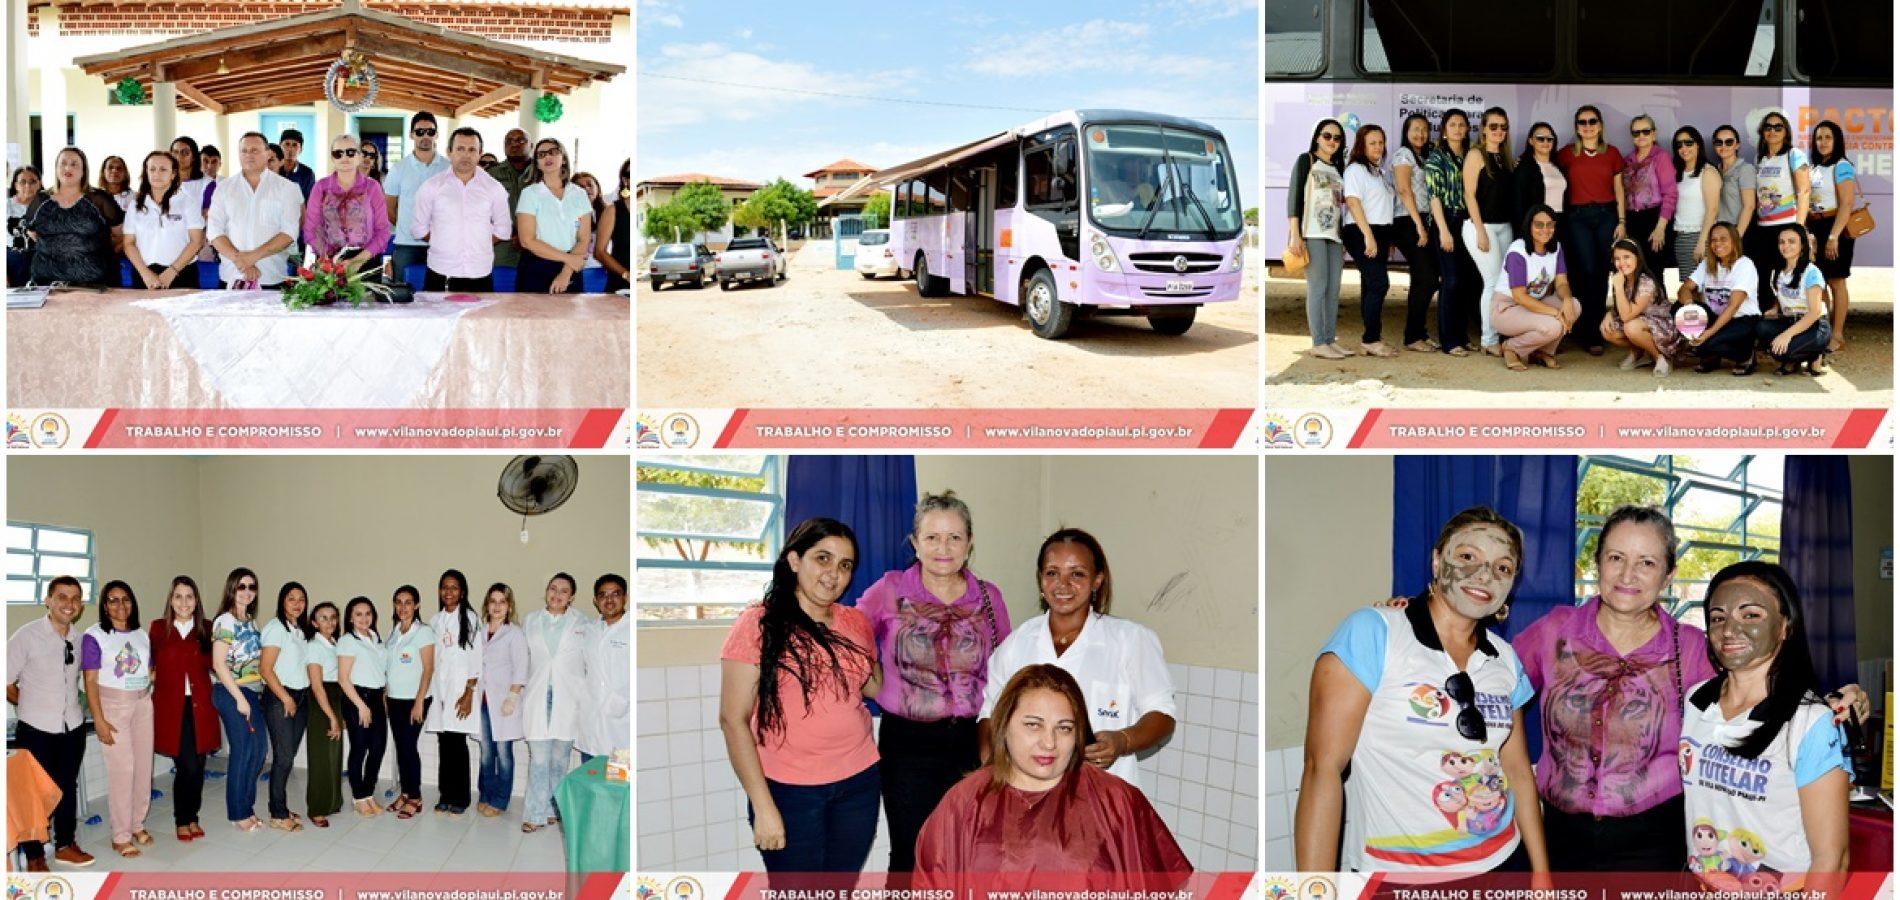 VILA NOVA 22 ANOS | 'Ônibus lilás' oferece atendimento às mulheres no povoado São João Batista. Veja fotos!